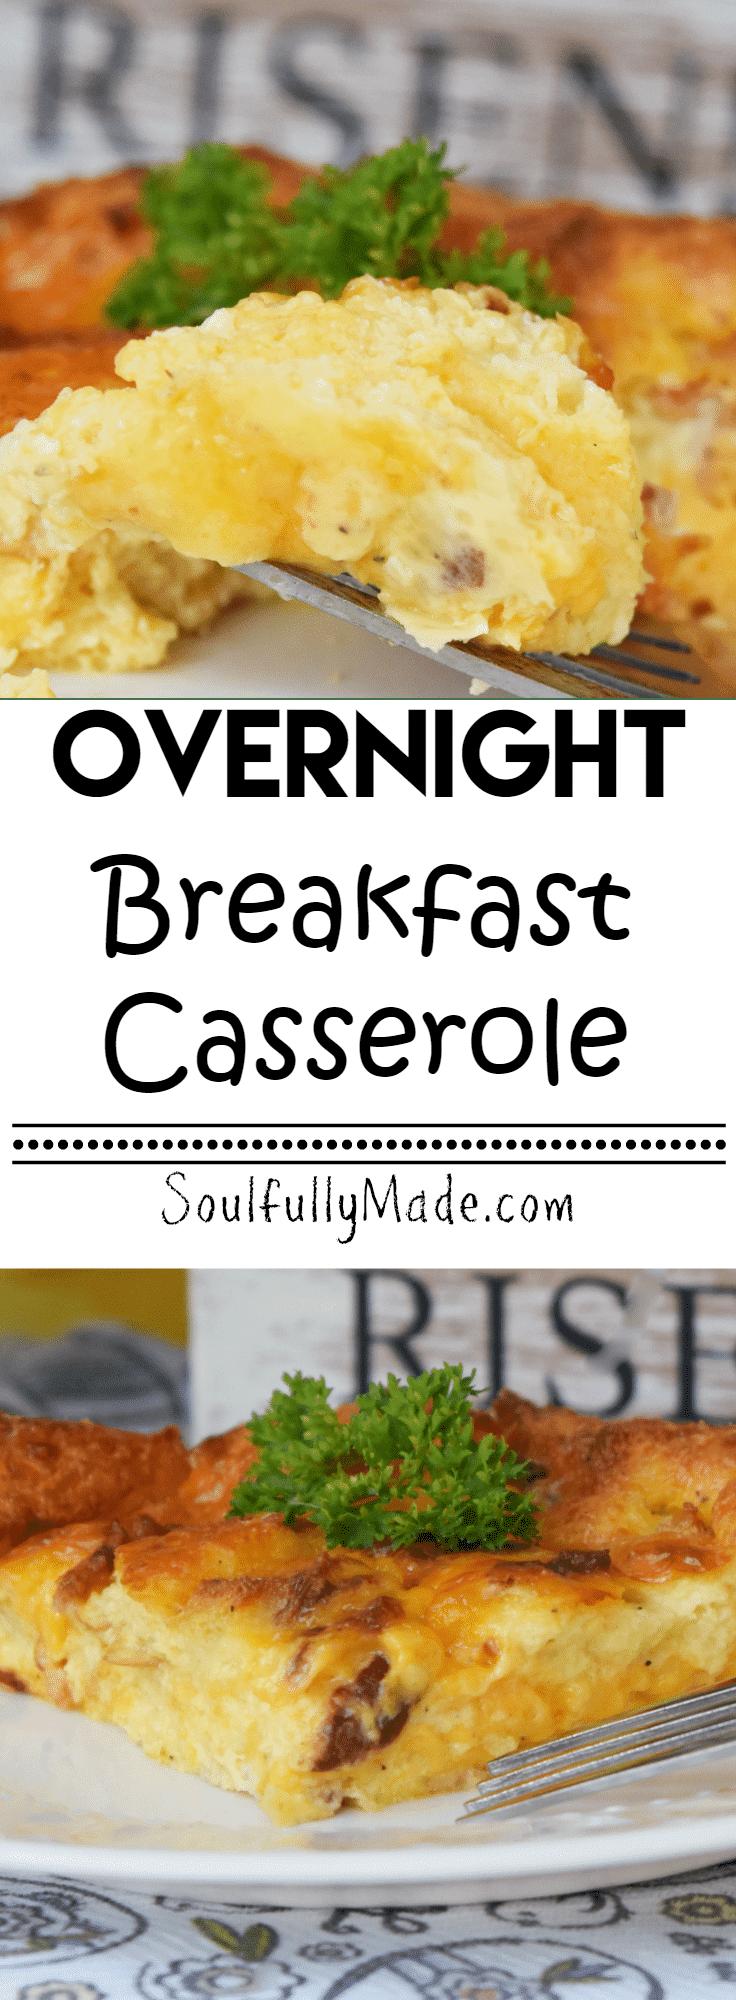 Overnight Breakfast Casserole Pin